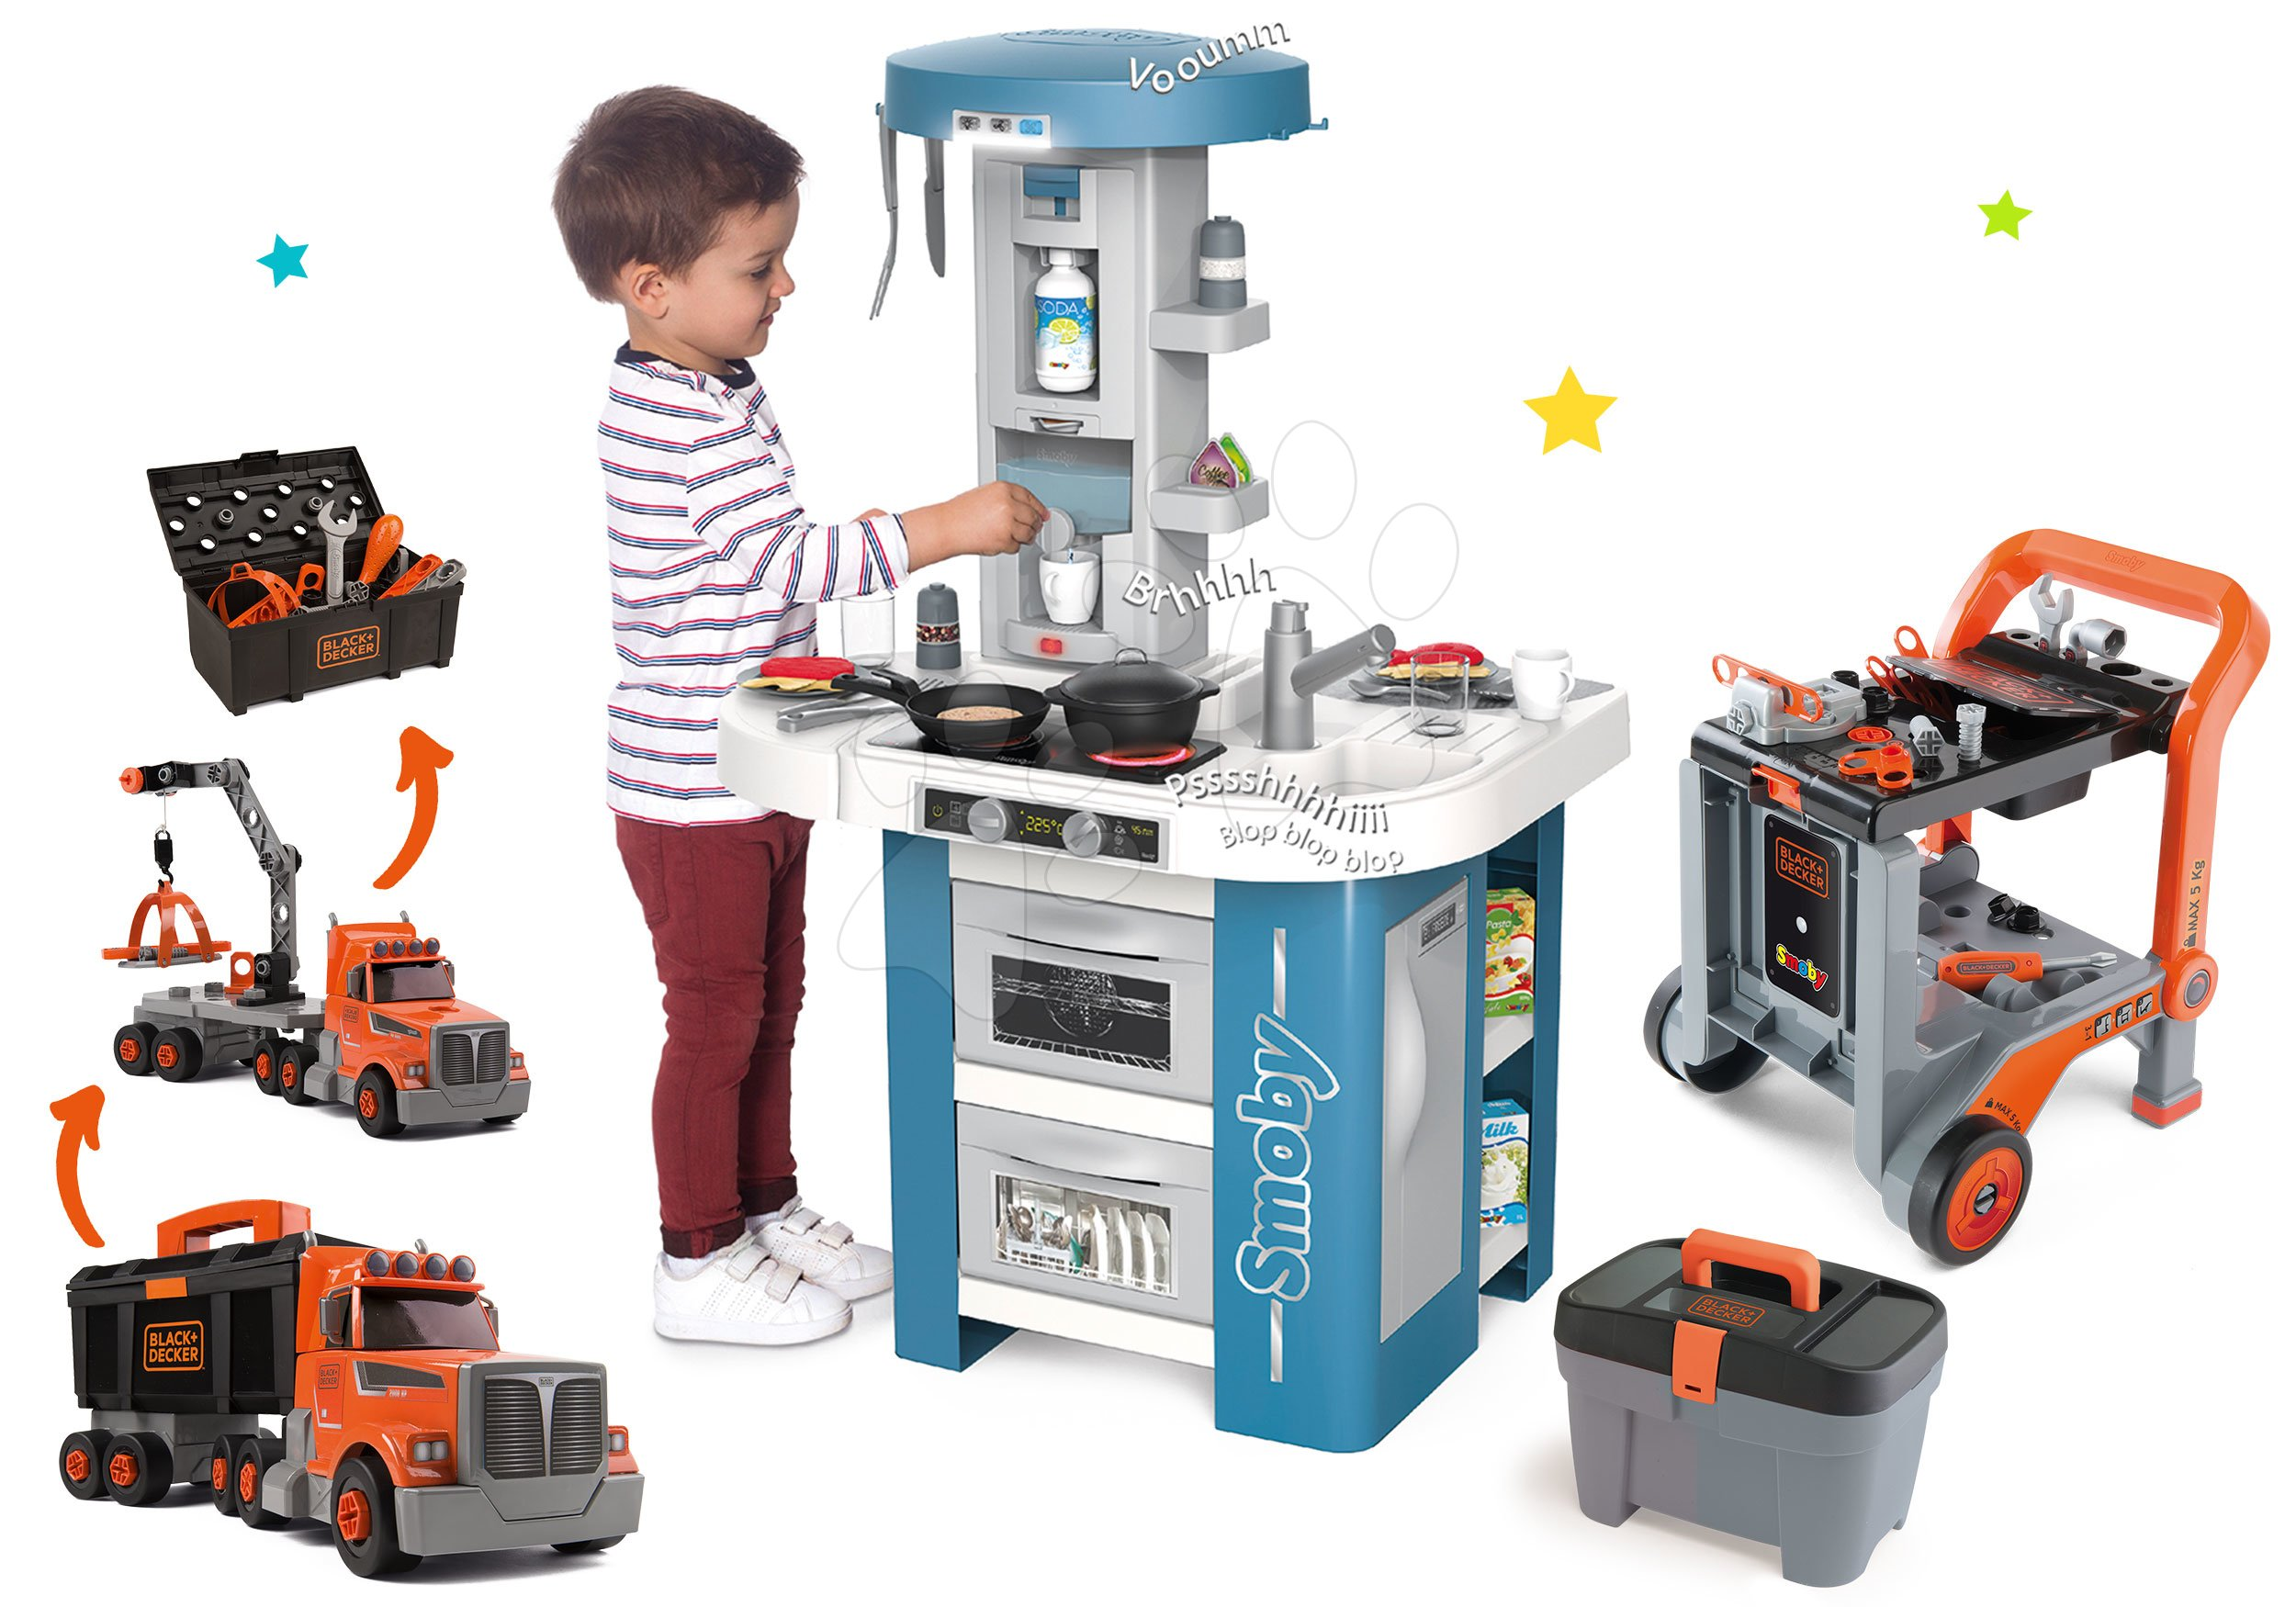 Set kuchyňka s technickým vybavením Tech Edition Smoby elektronická s Black&Decker kamionem a pracovní vozík s nářadím